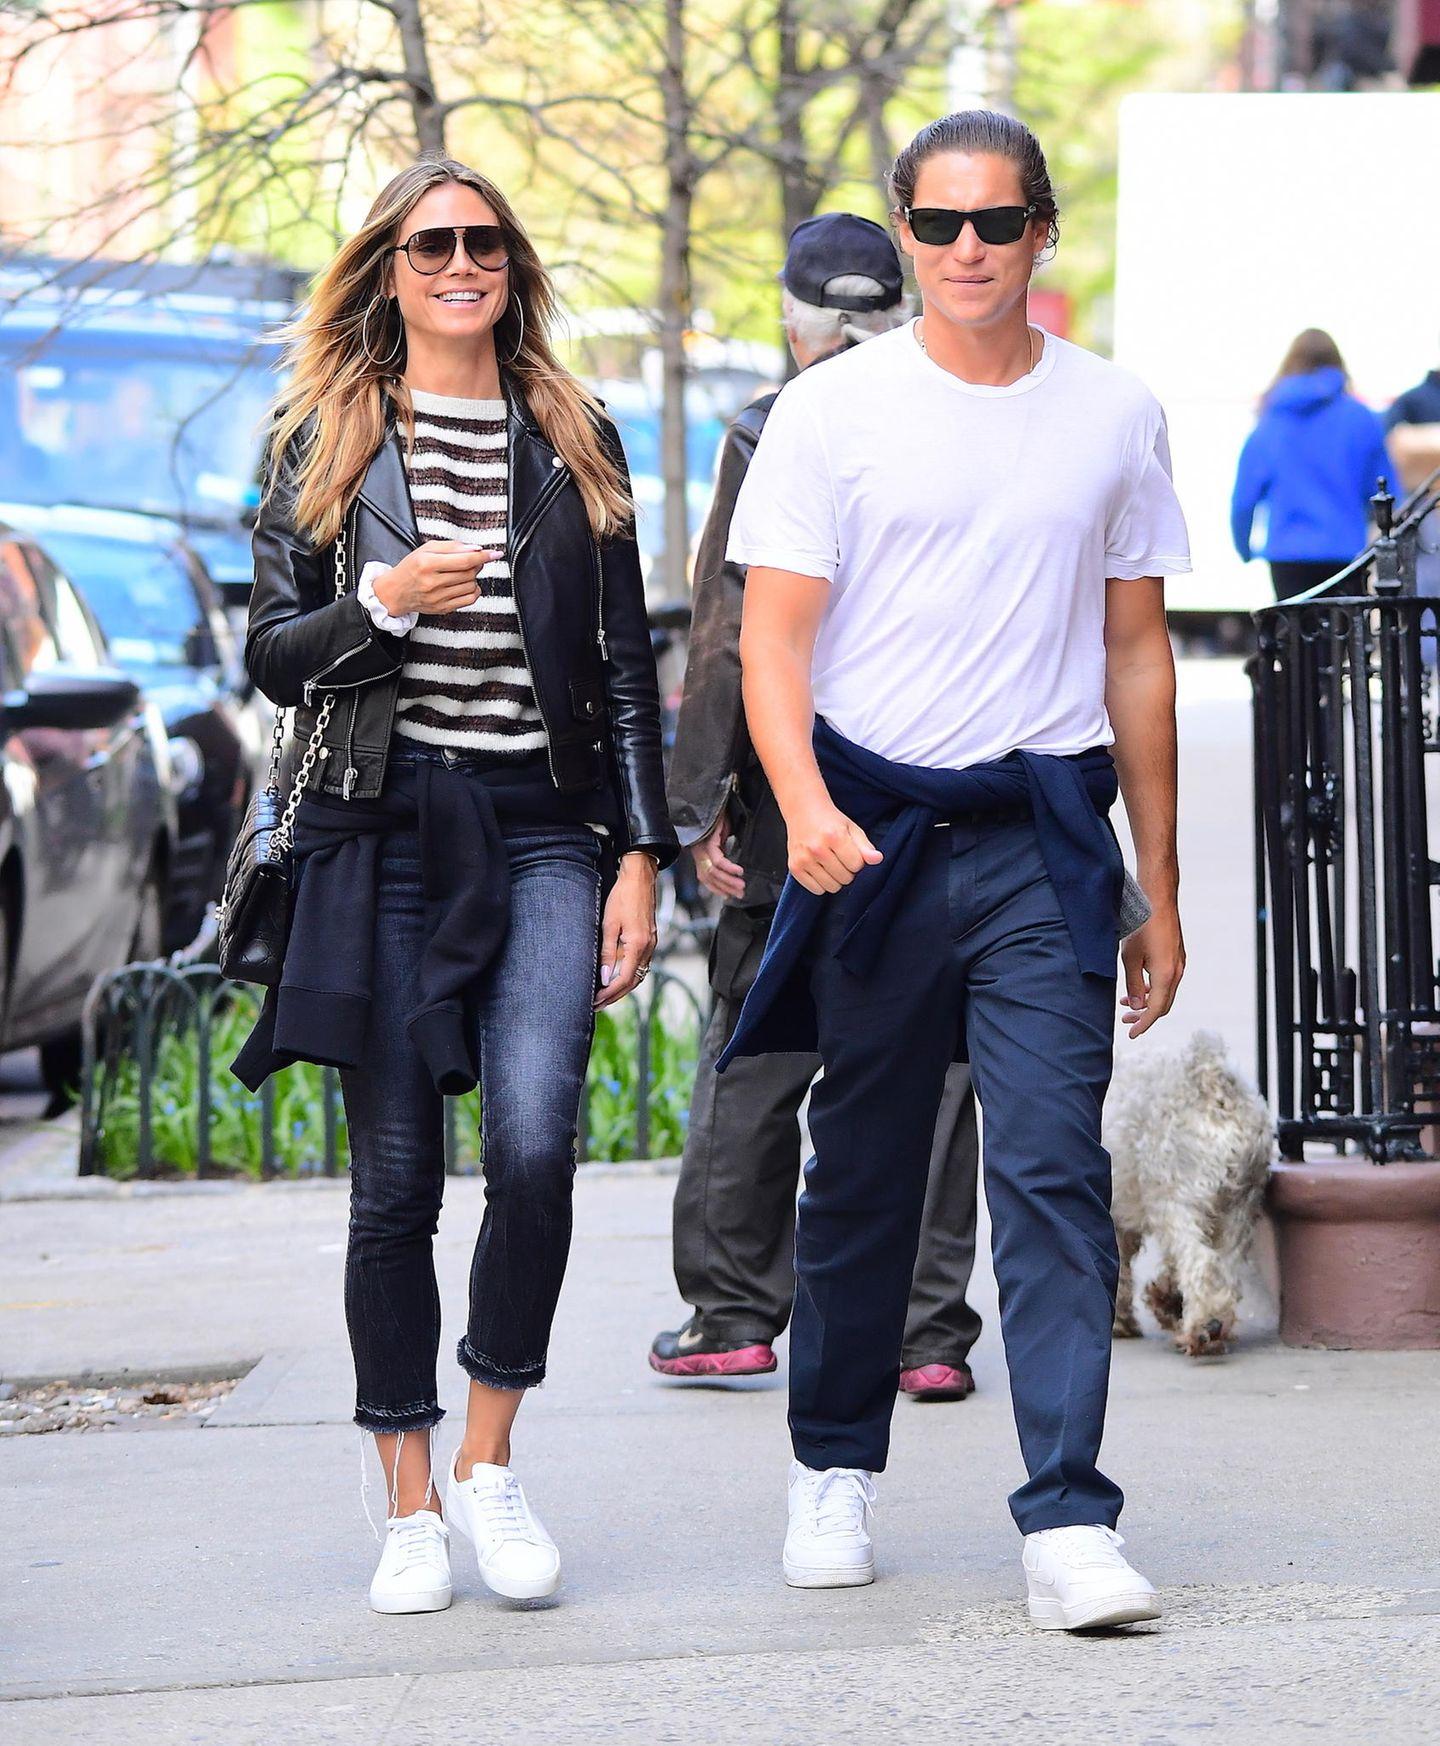 Gut gelaunt und leger gekleidet spazieren Heidi Klum und Vito Schnabel durch die Straßen New Yorks. In Jeans, T-Shirt und schwarzer Lederjacke zeigt sich Heidi locker und sportlich. Das ist nach der Trennung von Vito Schnabel im September 2017 nicht mehr so...